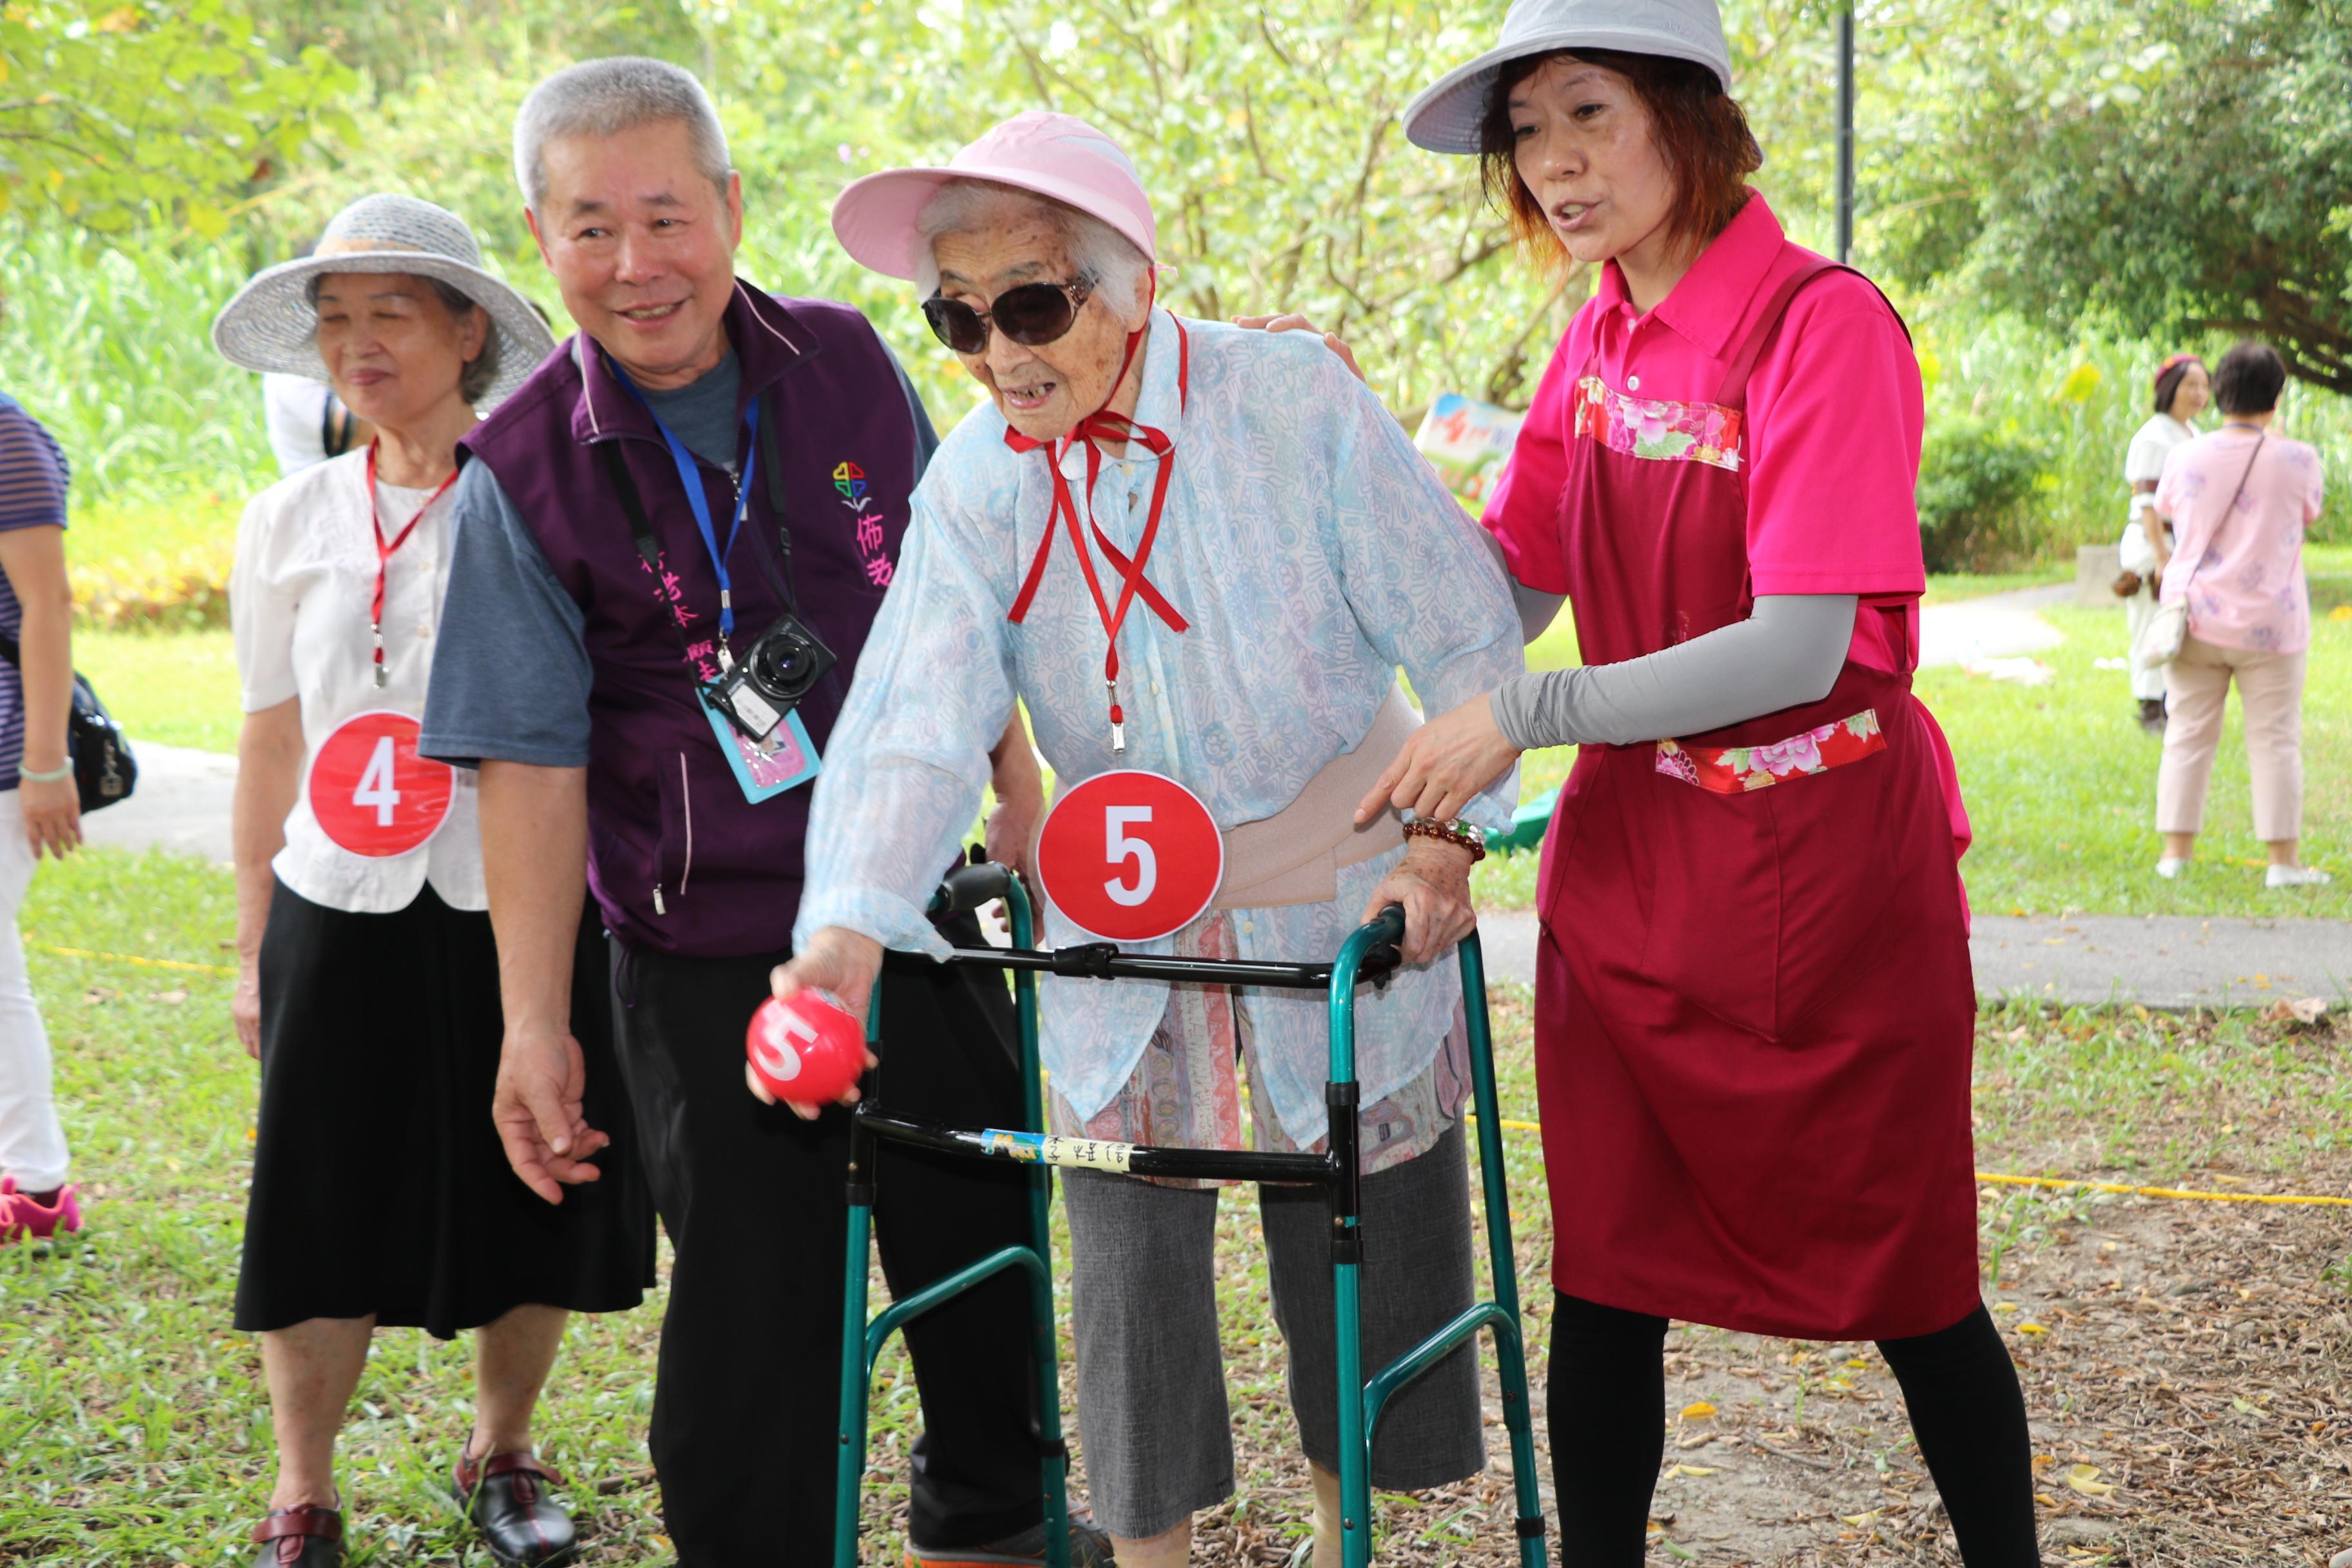 高齡92歲的李煜信奶奶在照服員和佈老志工的協助下玩高智爾球